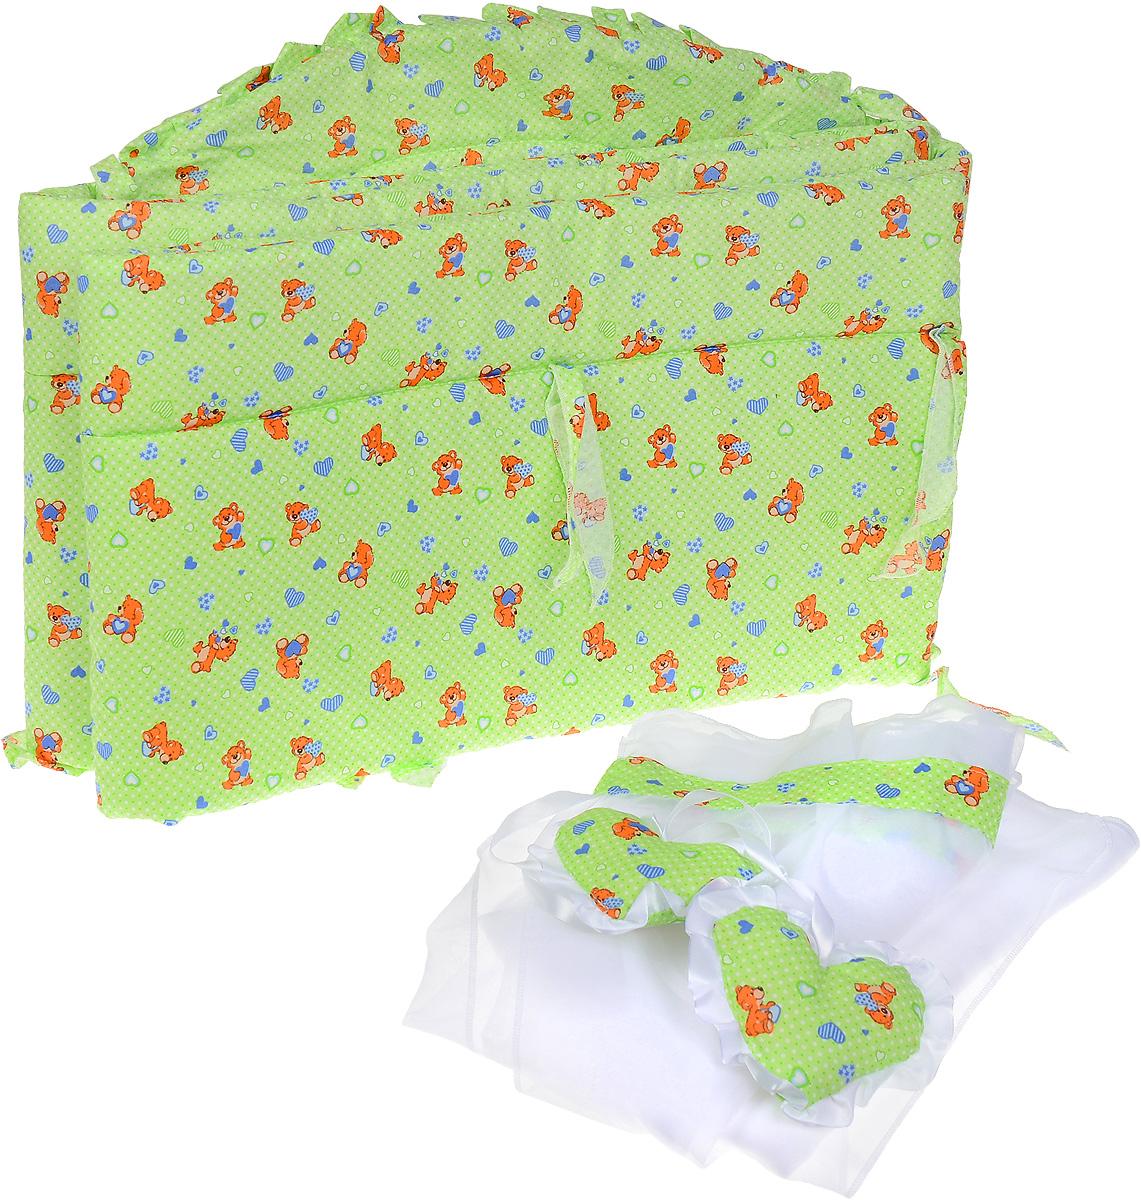 Фея Комплект для детской кроватки Мишки с сердечками 2 предметаB98-3Комплект для детской кроватки Фея Мишки с сердечками, выполненный из хлопка и полиэфира, включает в себя борт и балдахин для детской кроватки. Бортик закрывает весь периметр кроватки и крепится с помощью специальных завязок, благодаря чему его можно поместить в любую детскую кроватку. Выполнен натурального хлопка безупречной выделки. Деликатные швы рассчитаны на прикосновение к нежной коже ребенка. Бортик оформлен изображениями забавных плюшевых медвежат с сердечками.Балдахин, выполненный из полиэстера, можно использовать как для люльки, так и для кроватки. Сверху балдахин декорирован вставкой из хлопка с рисунком, а также двумя атласными лентами с мягкими игрушками в виде сердечек. Длина бортика - 360 см, размеры балдахина - 250 см х 150 см.